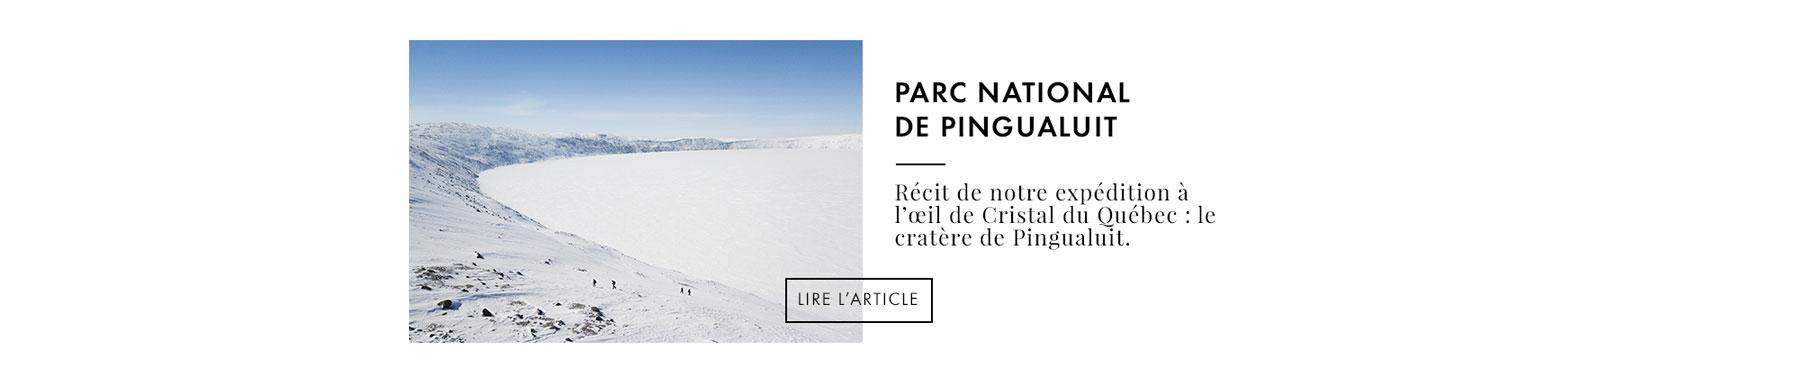 randonnée parc national de Pingualuit Québec